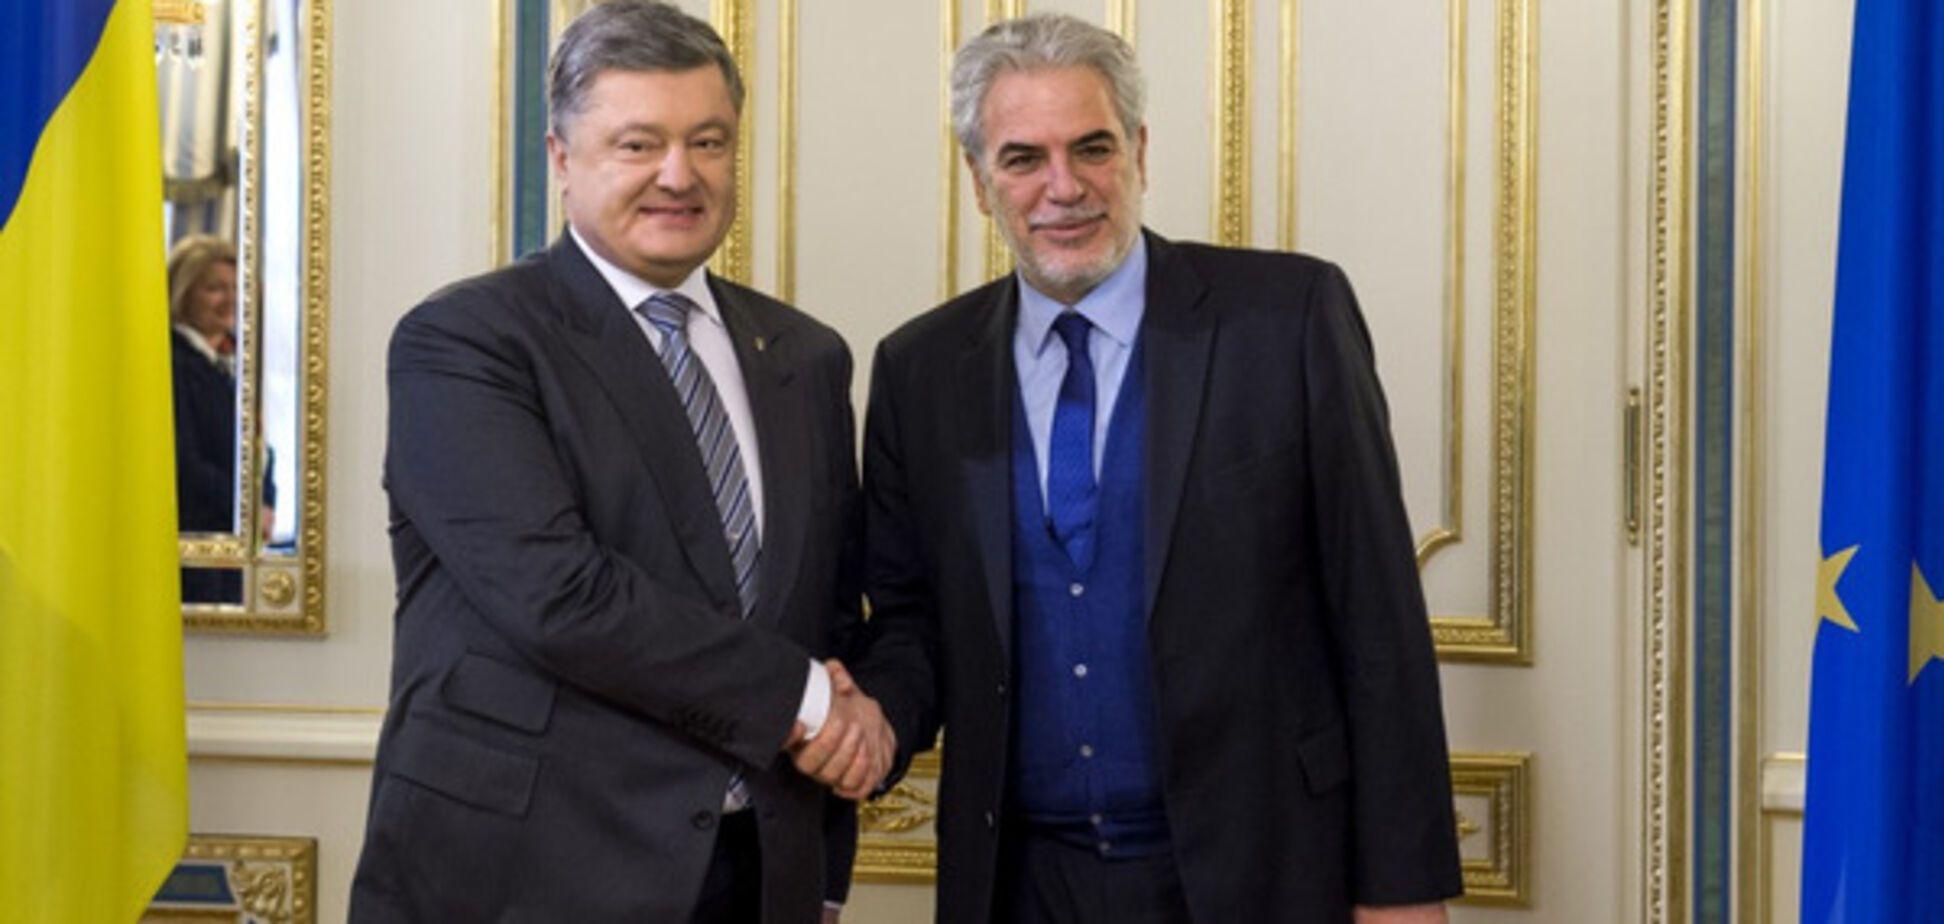 Петро Порошенко і Христос Стіліанідес